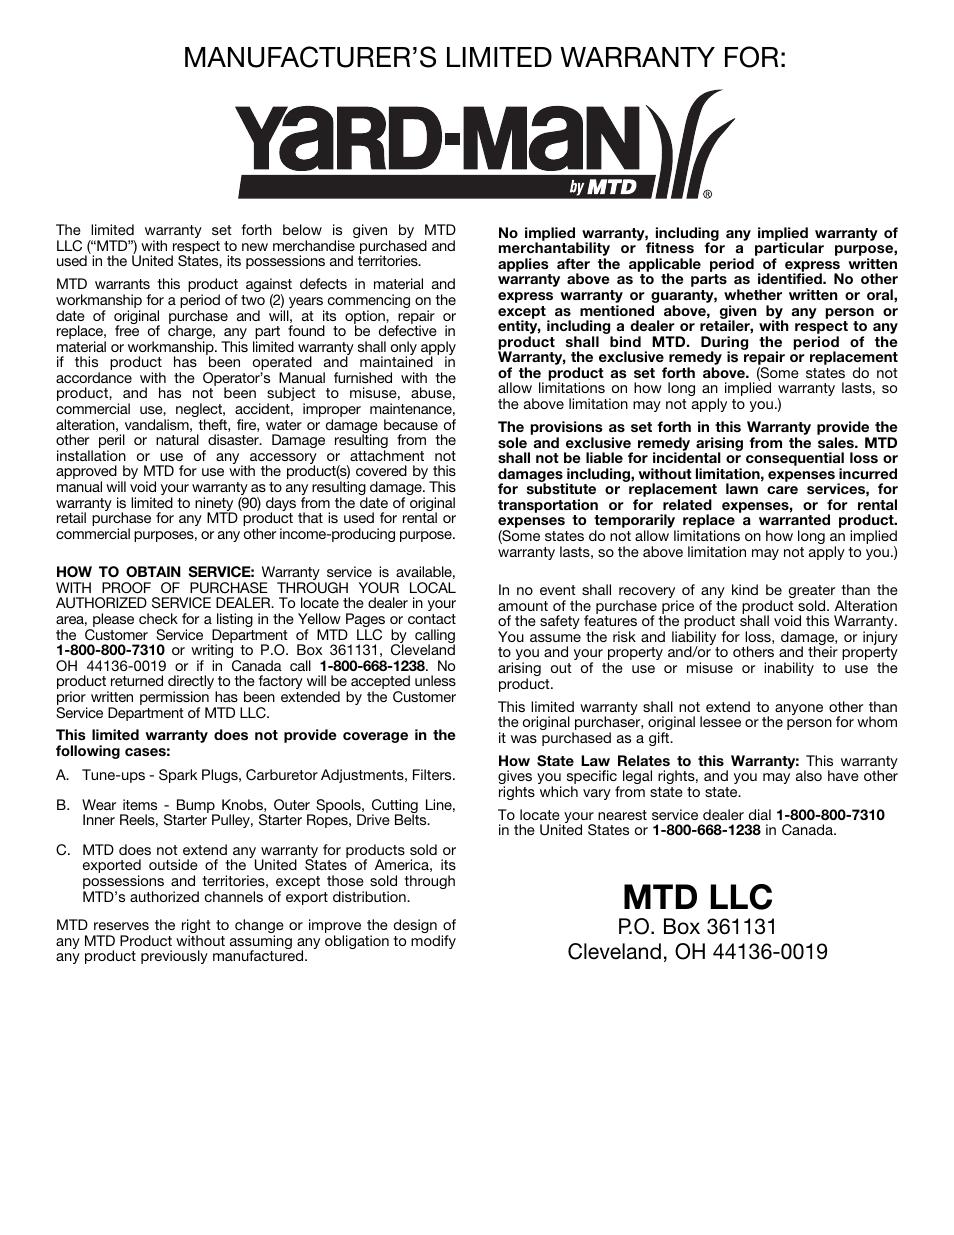 Mtd llc, Manufacturer's limited warranty for | MTD Yard-Man YM137 User  Manual |